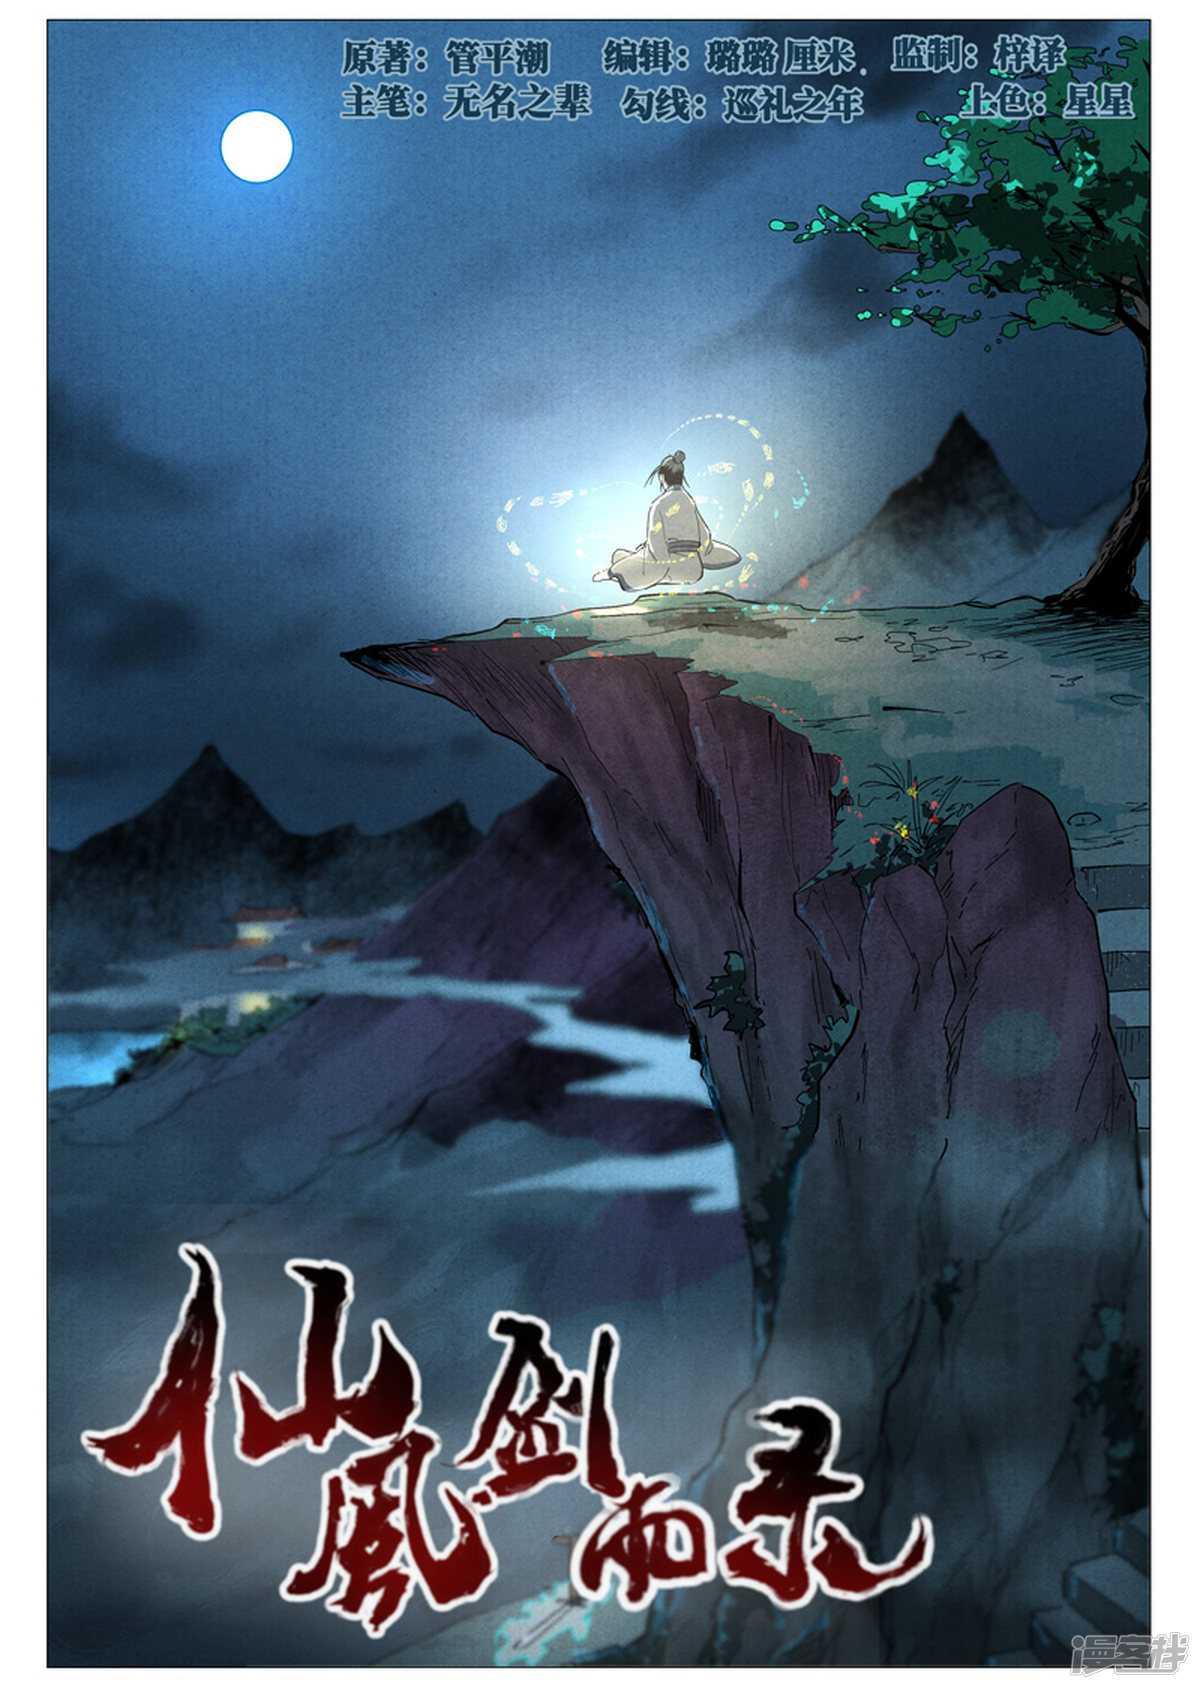 【漫画更新】《仙风剑雨录》46话上~46话下-小柚妹站